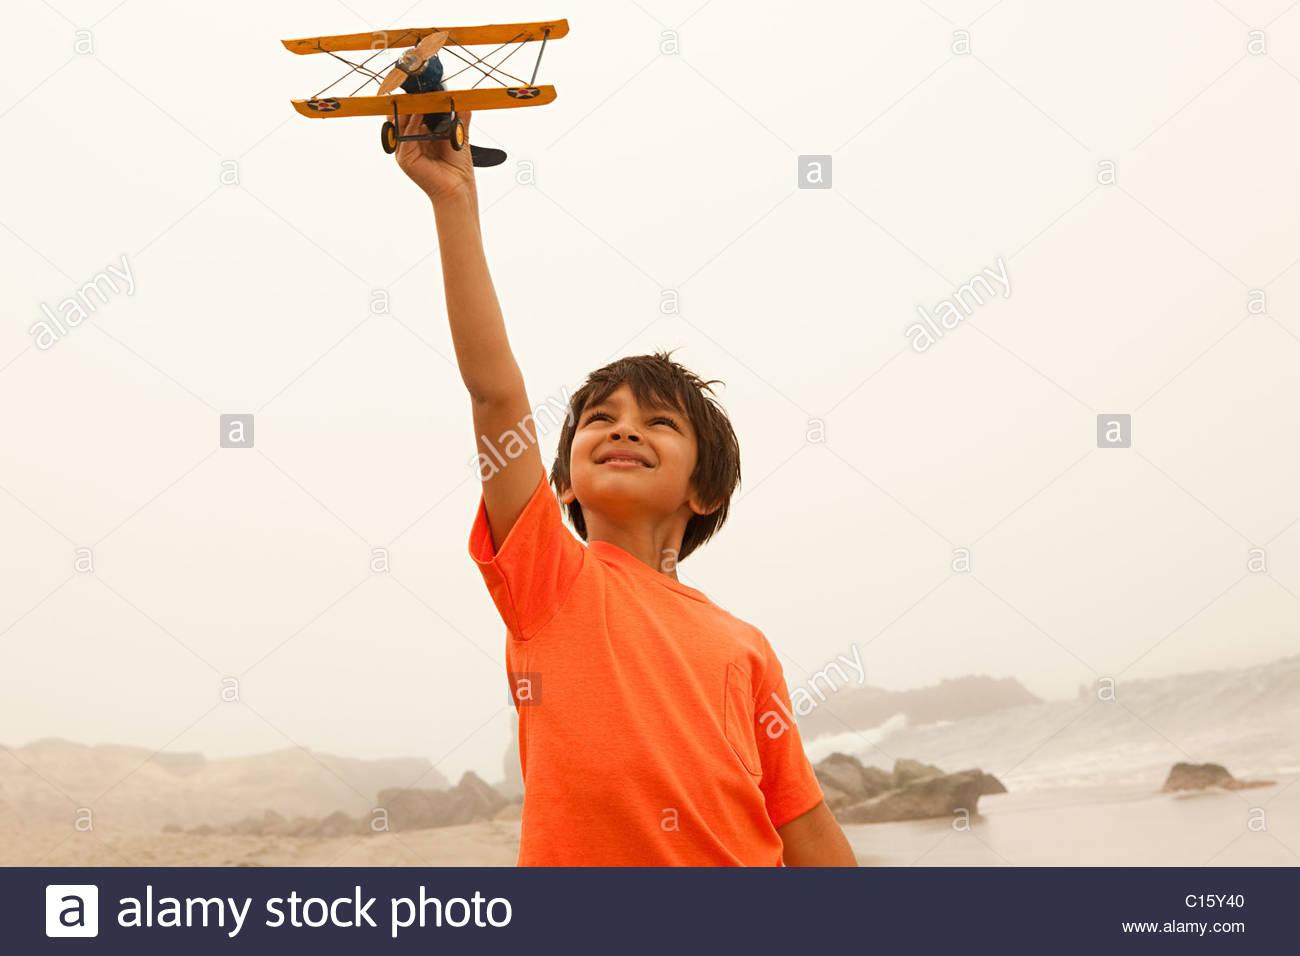 Jungen tragen orange t-Shirt spielen mit Spielzeug Flugzeug Stockbild